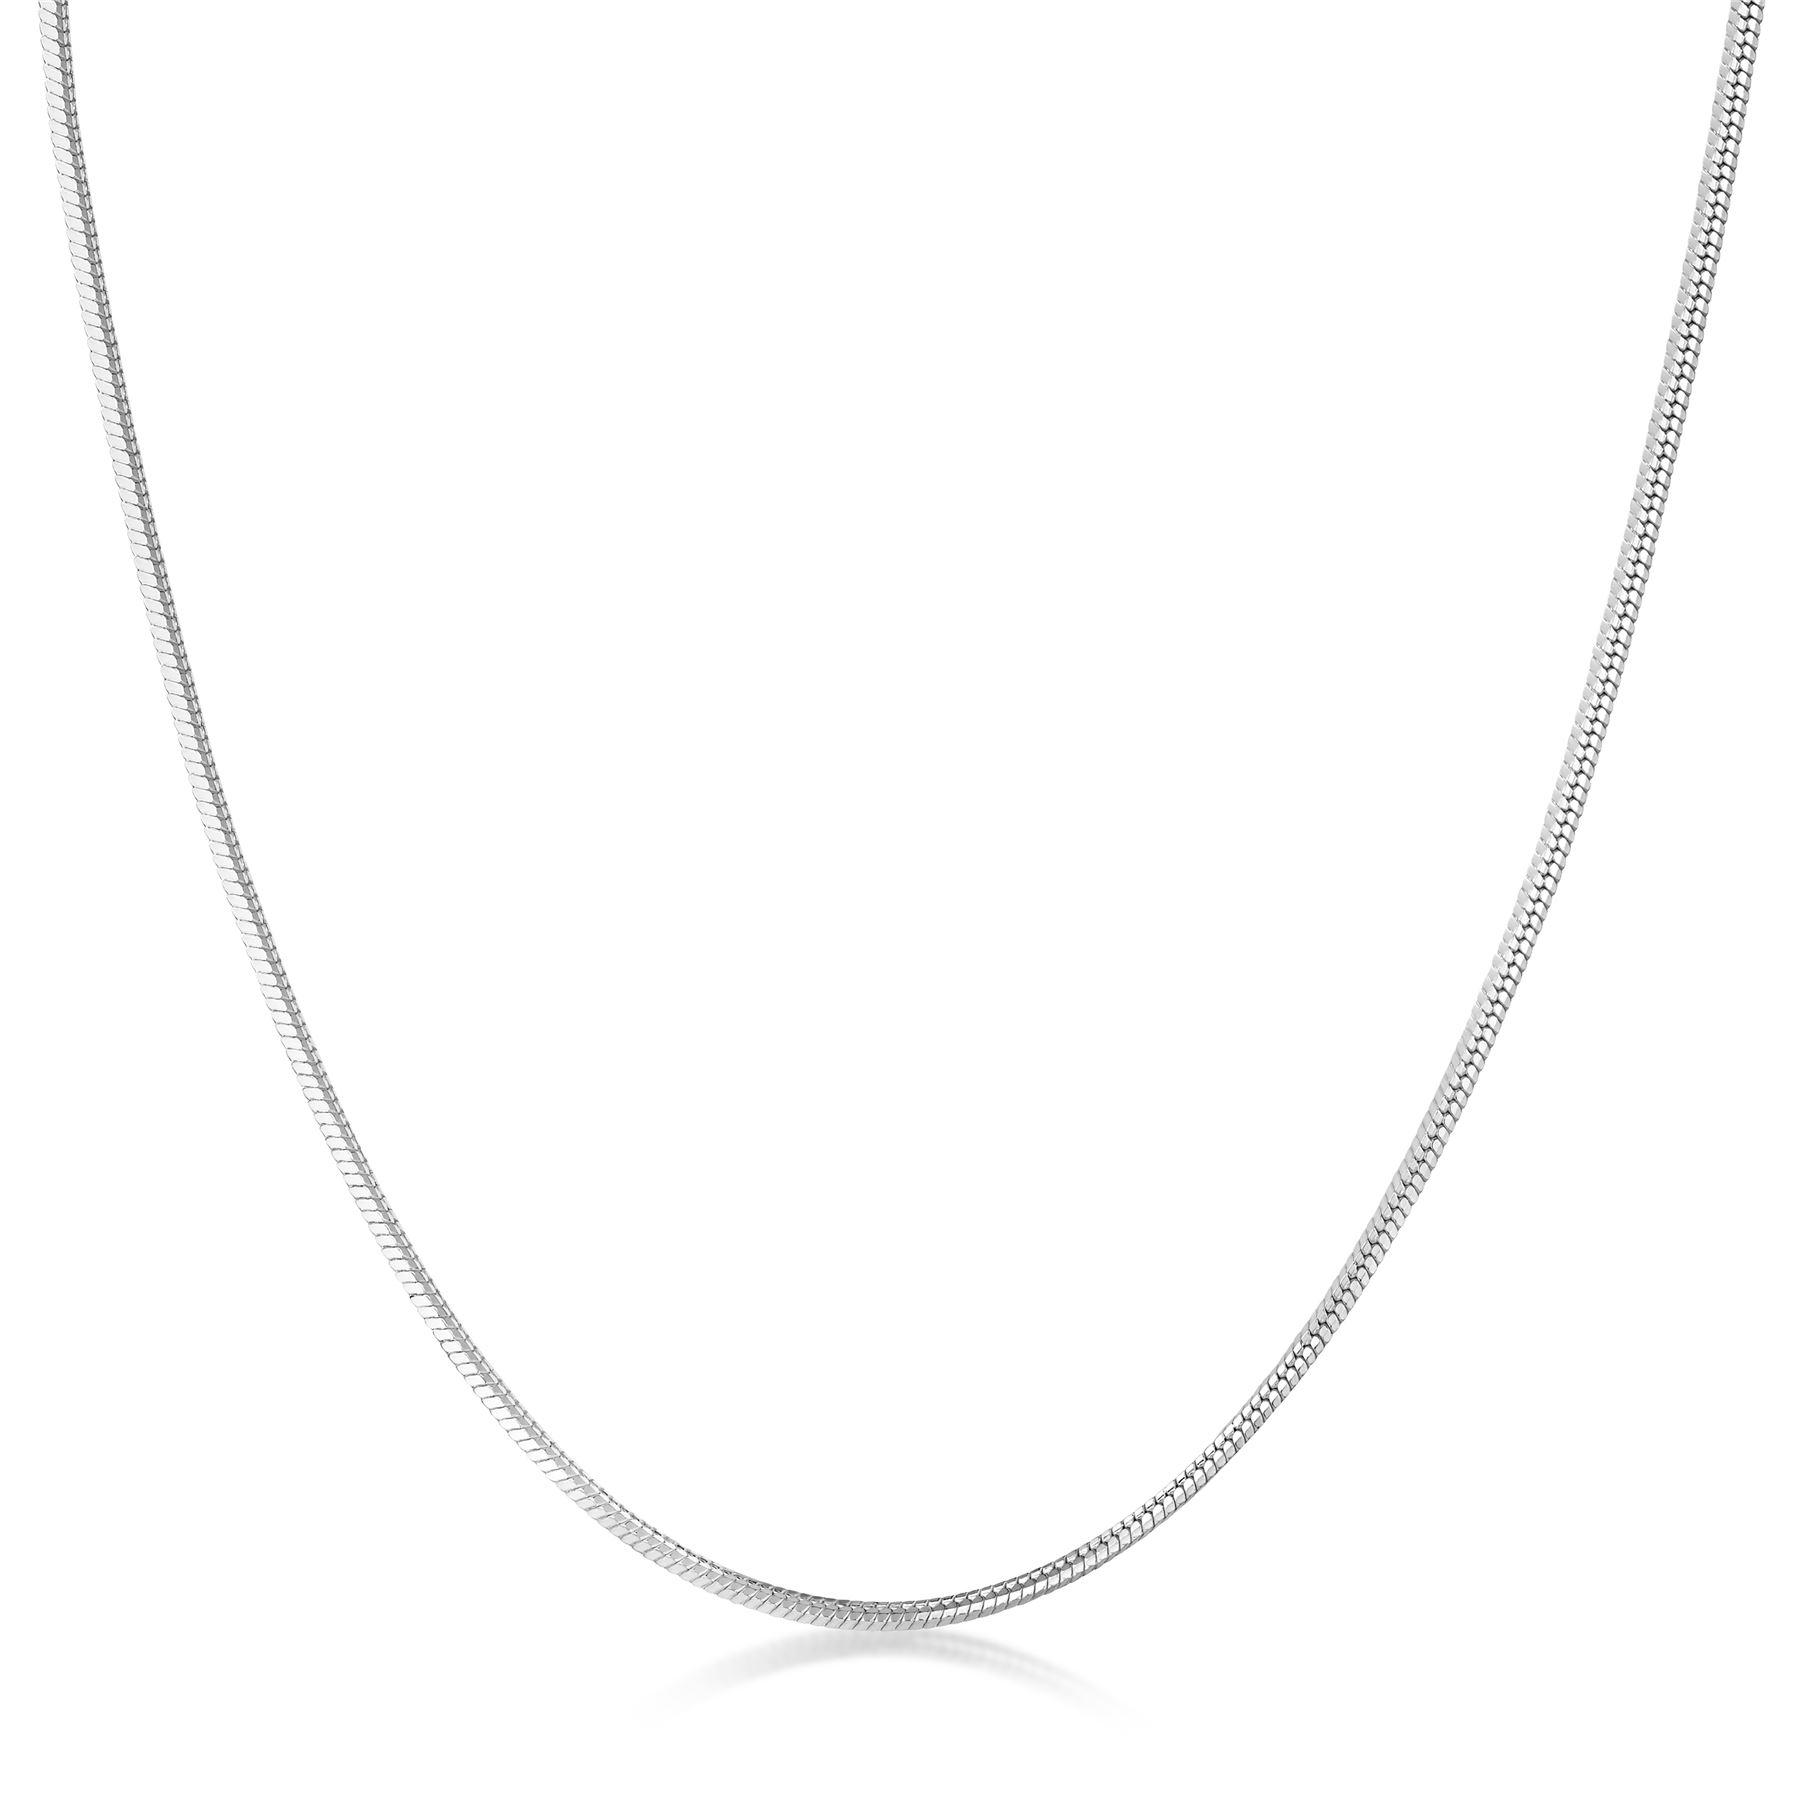 Amberta-Collar-en-Plata-De-Ley-925-Autentica-Cadena-para-Mujer-y-Hombre-Italiana miniatura 13